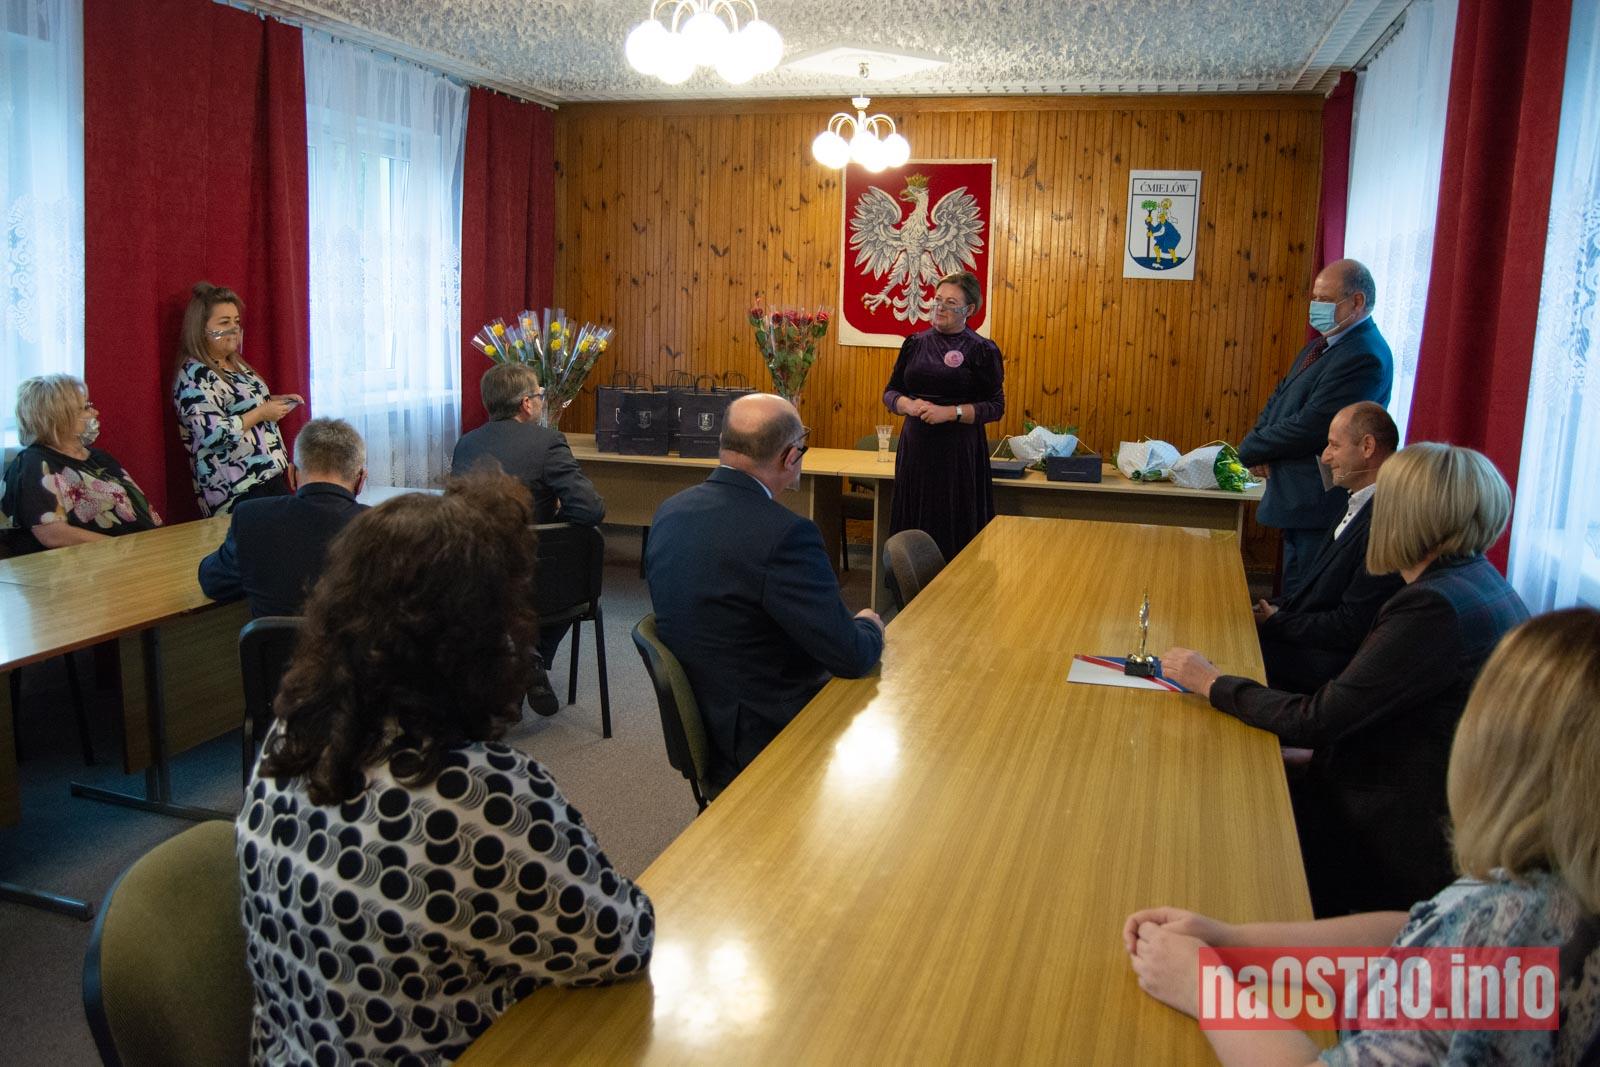 NaOSTRO.info Dzien nauczyciela cmielow-3006